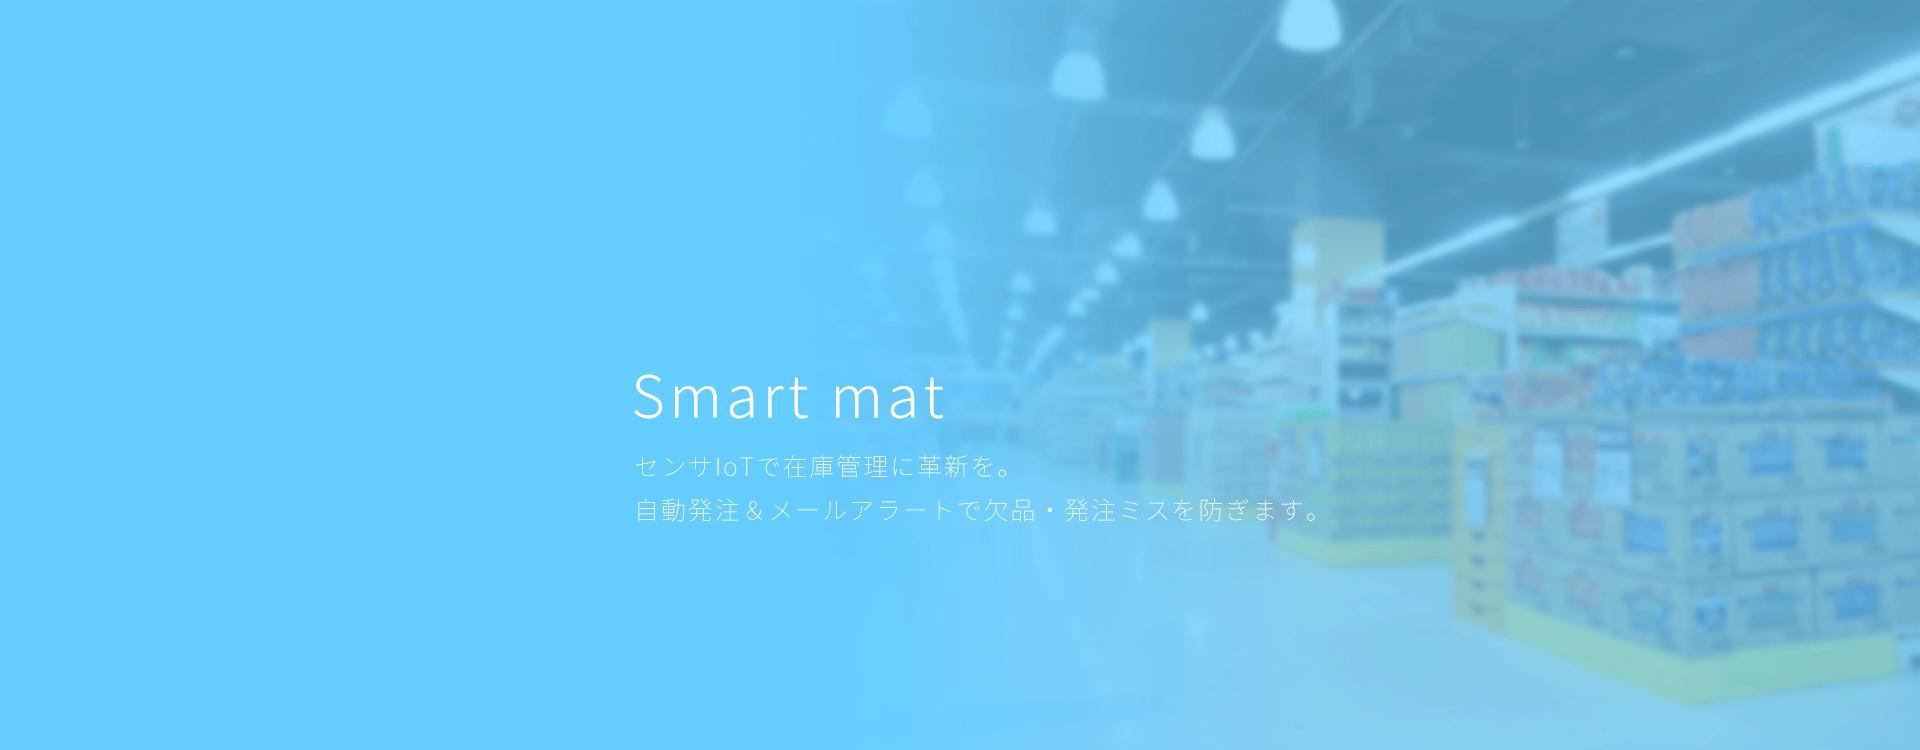 在庫管理マット Smart mat